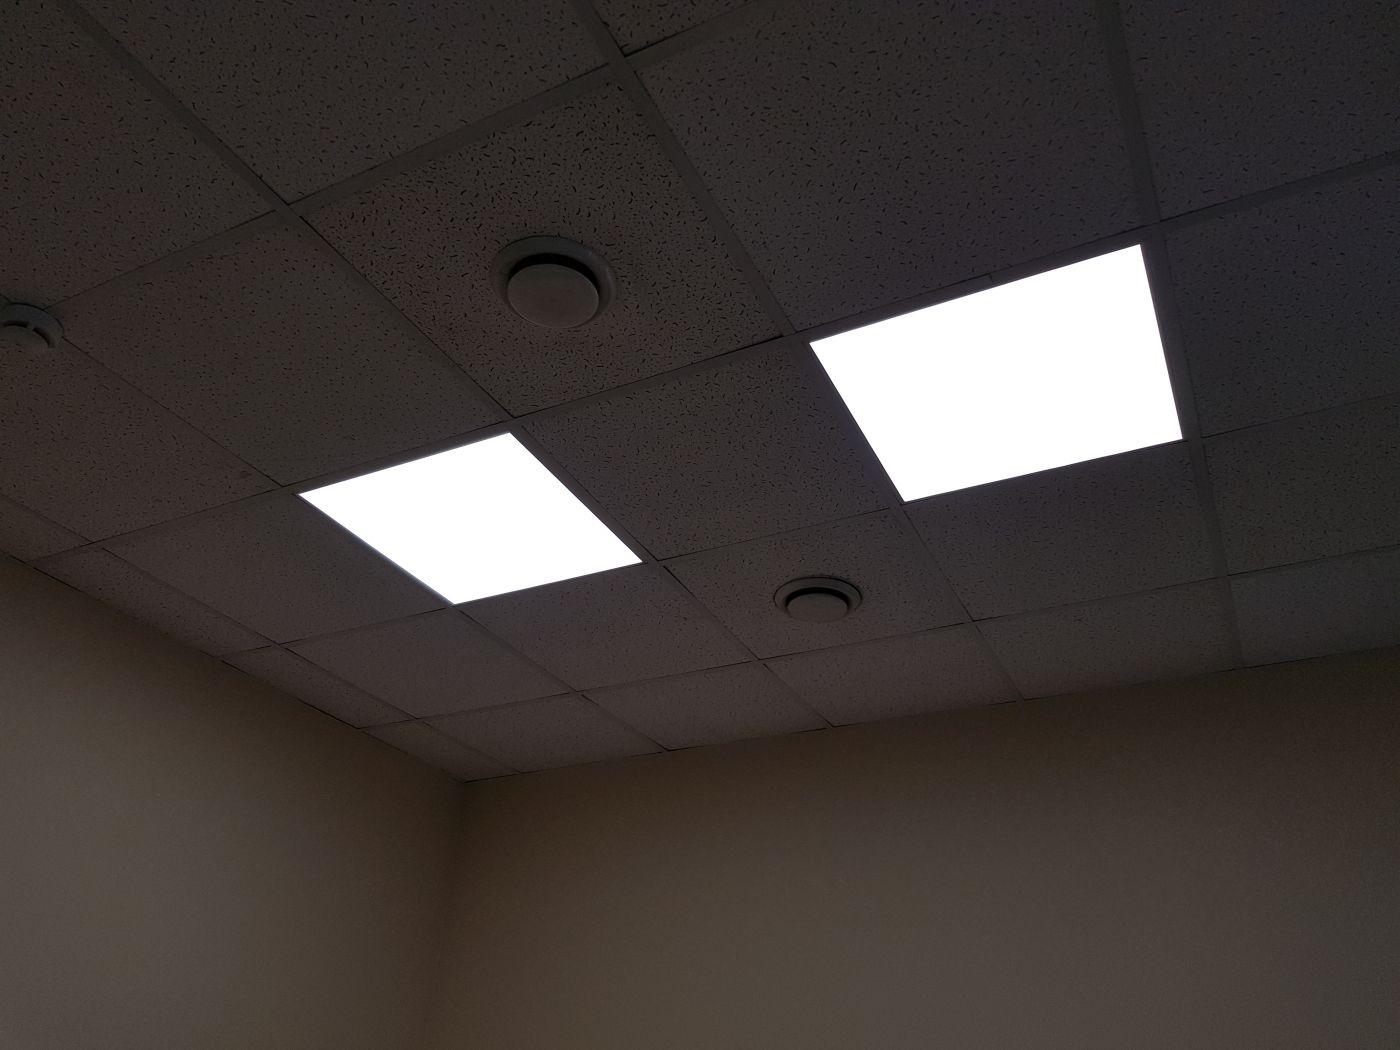 Светодиодный светильник Армстронг 595х595х40мм 72Вт 4000K IP54